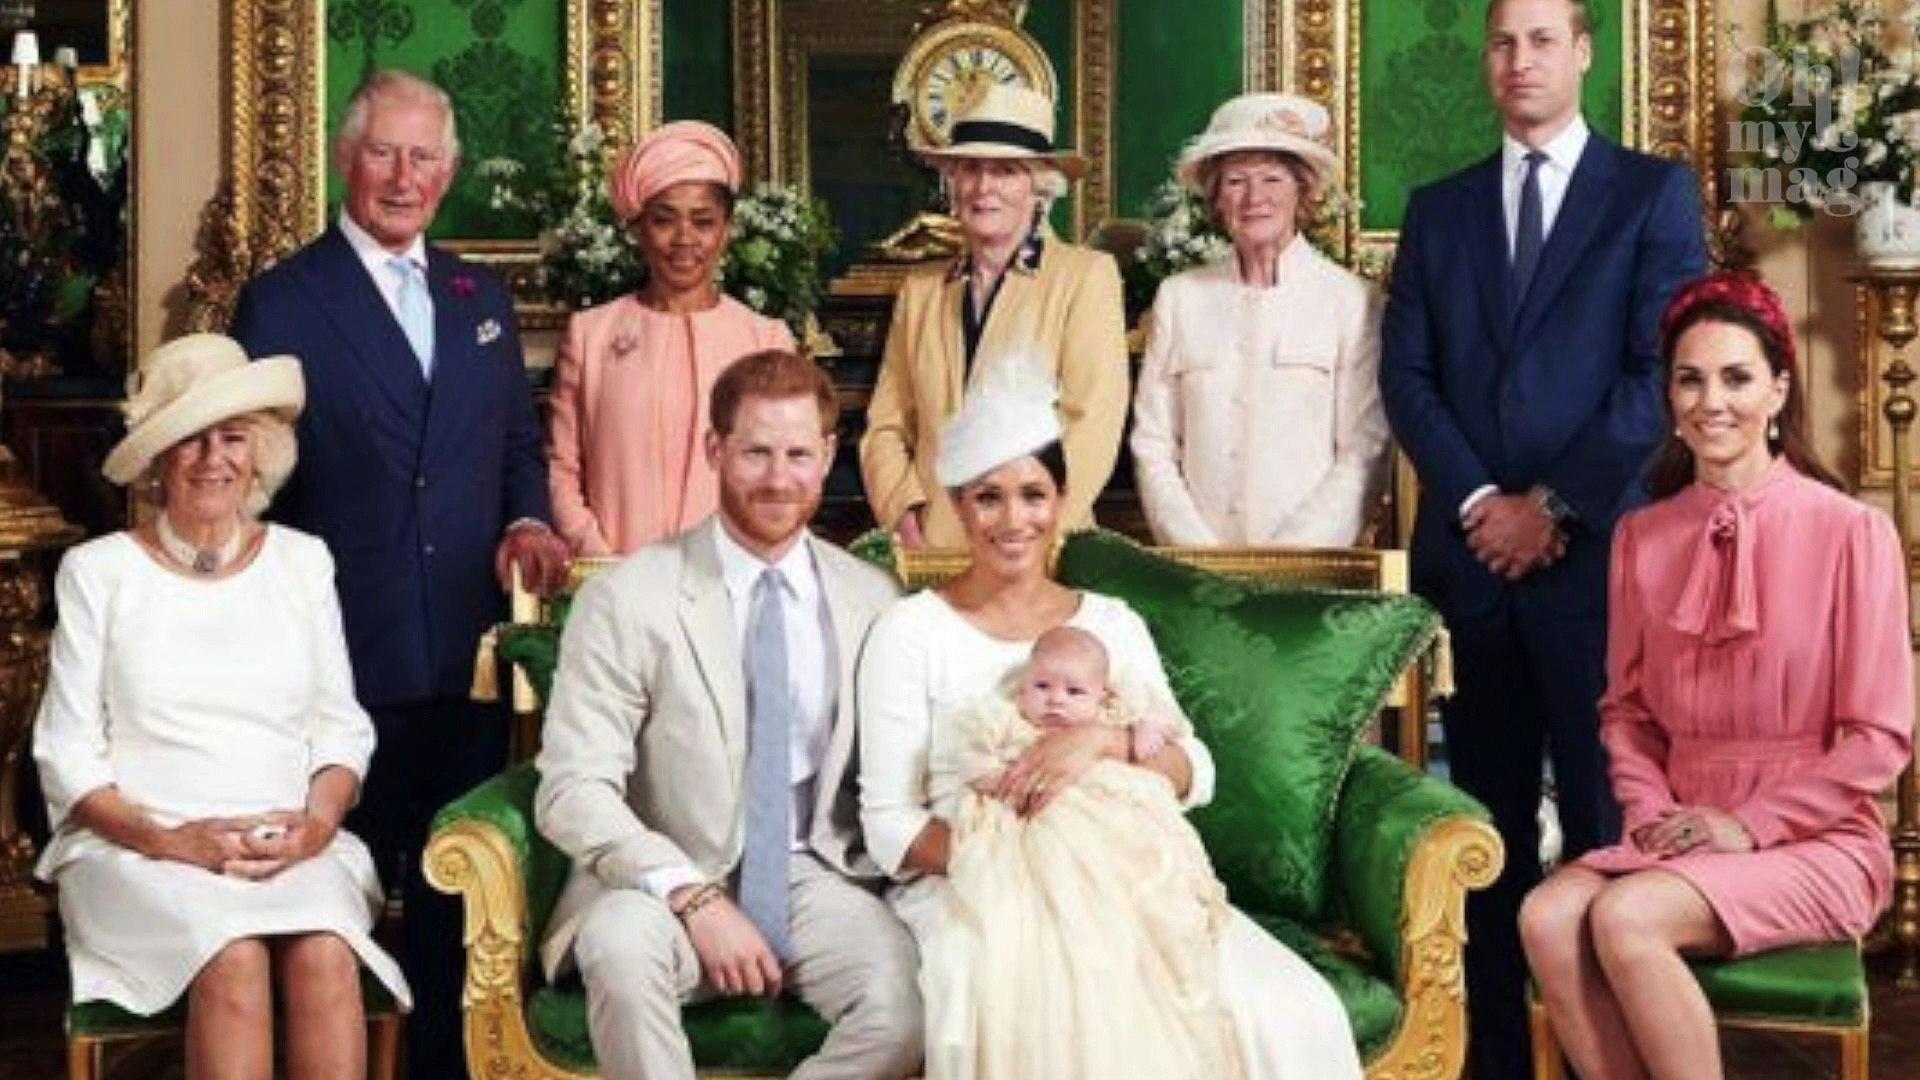 La foto del Meghan Markle y el príncipe Enrique que muestra un sorprendente detalle